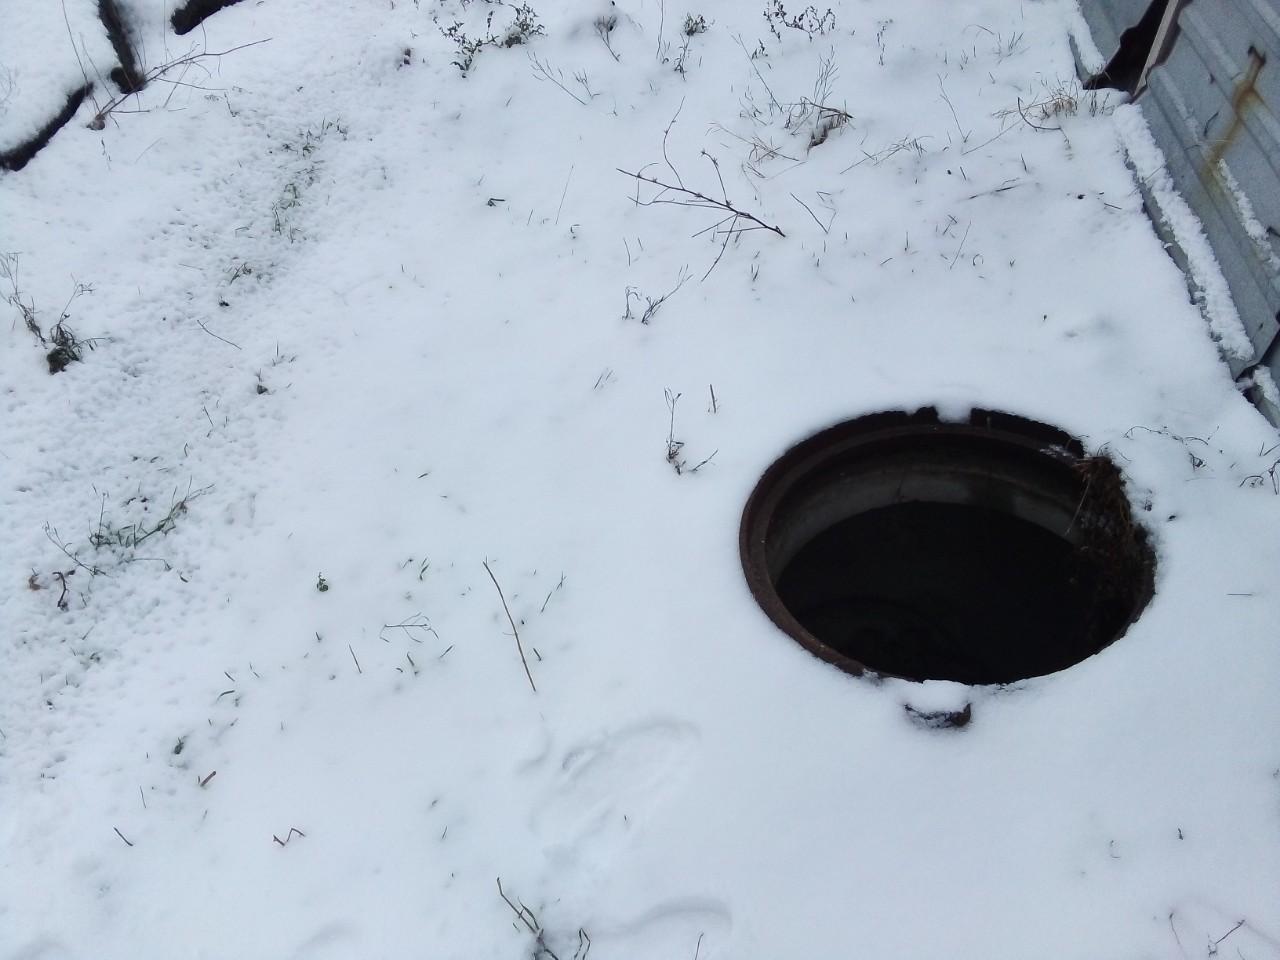 Спасите жизнь: Тольяттинцев просят сообщать об открытых колодцах